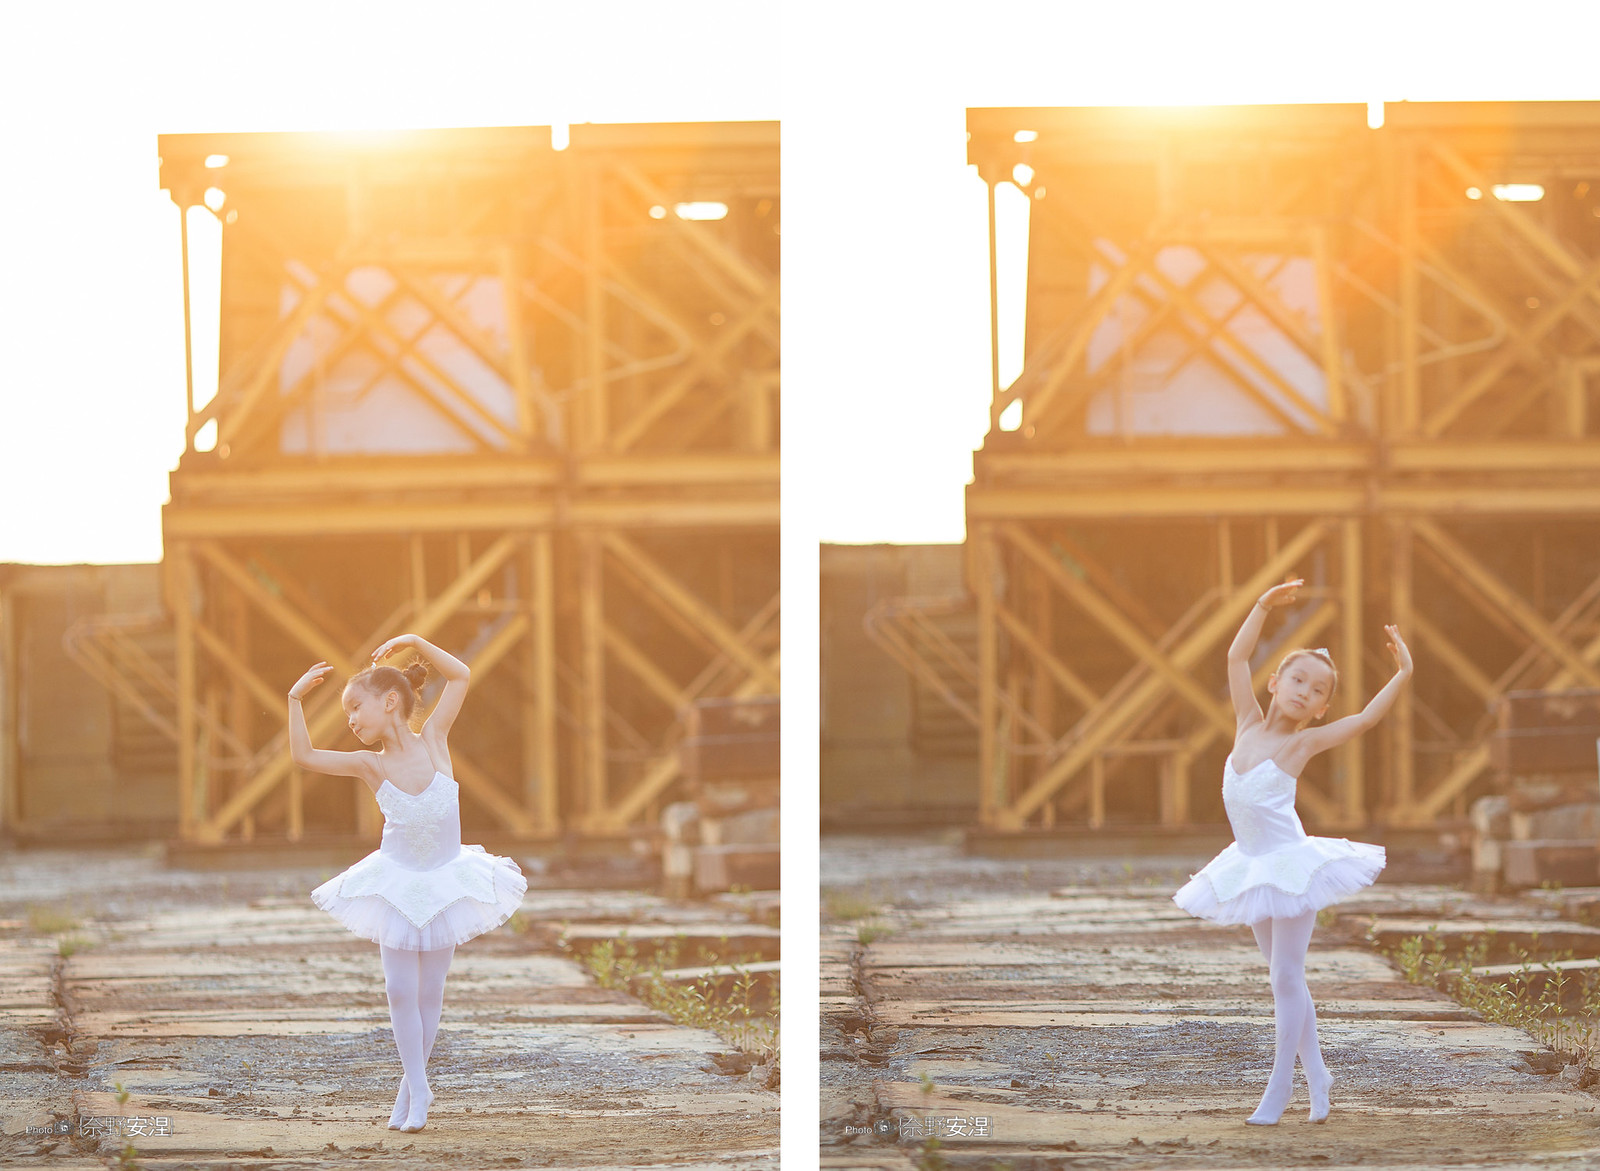 芭蕾 MIX 工業風 | 跟著攝影師去拍照 6 -15